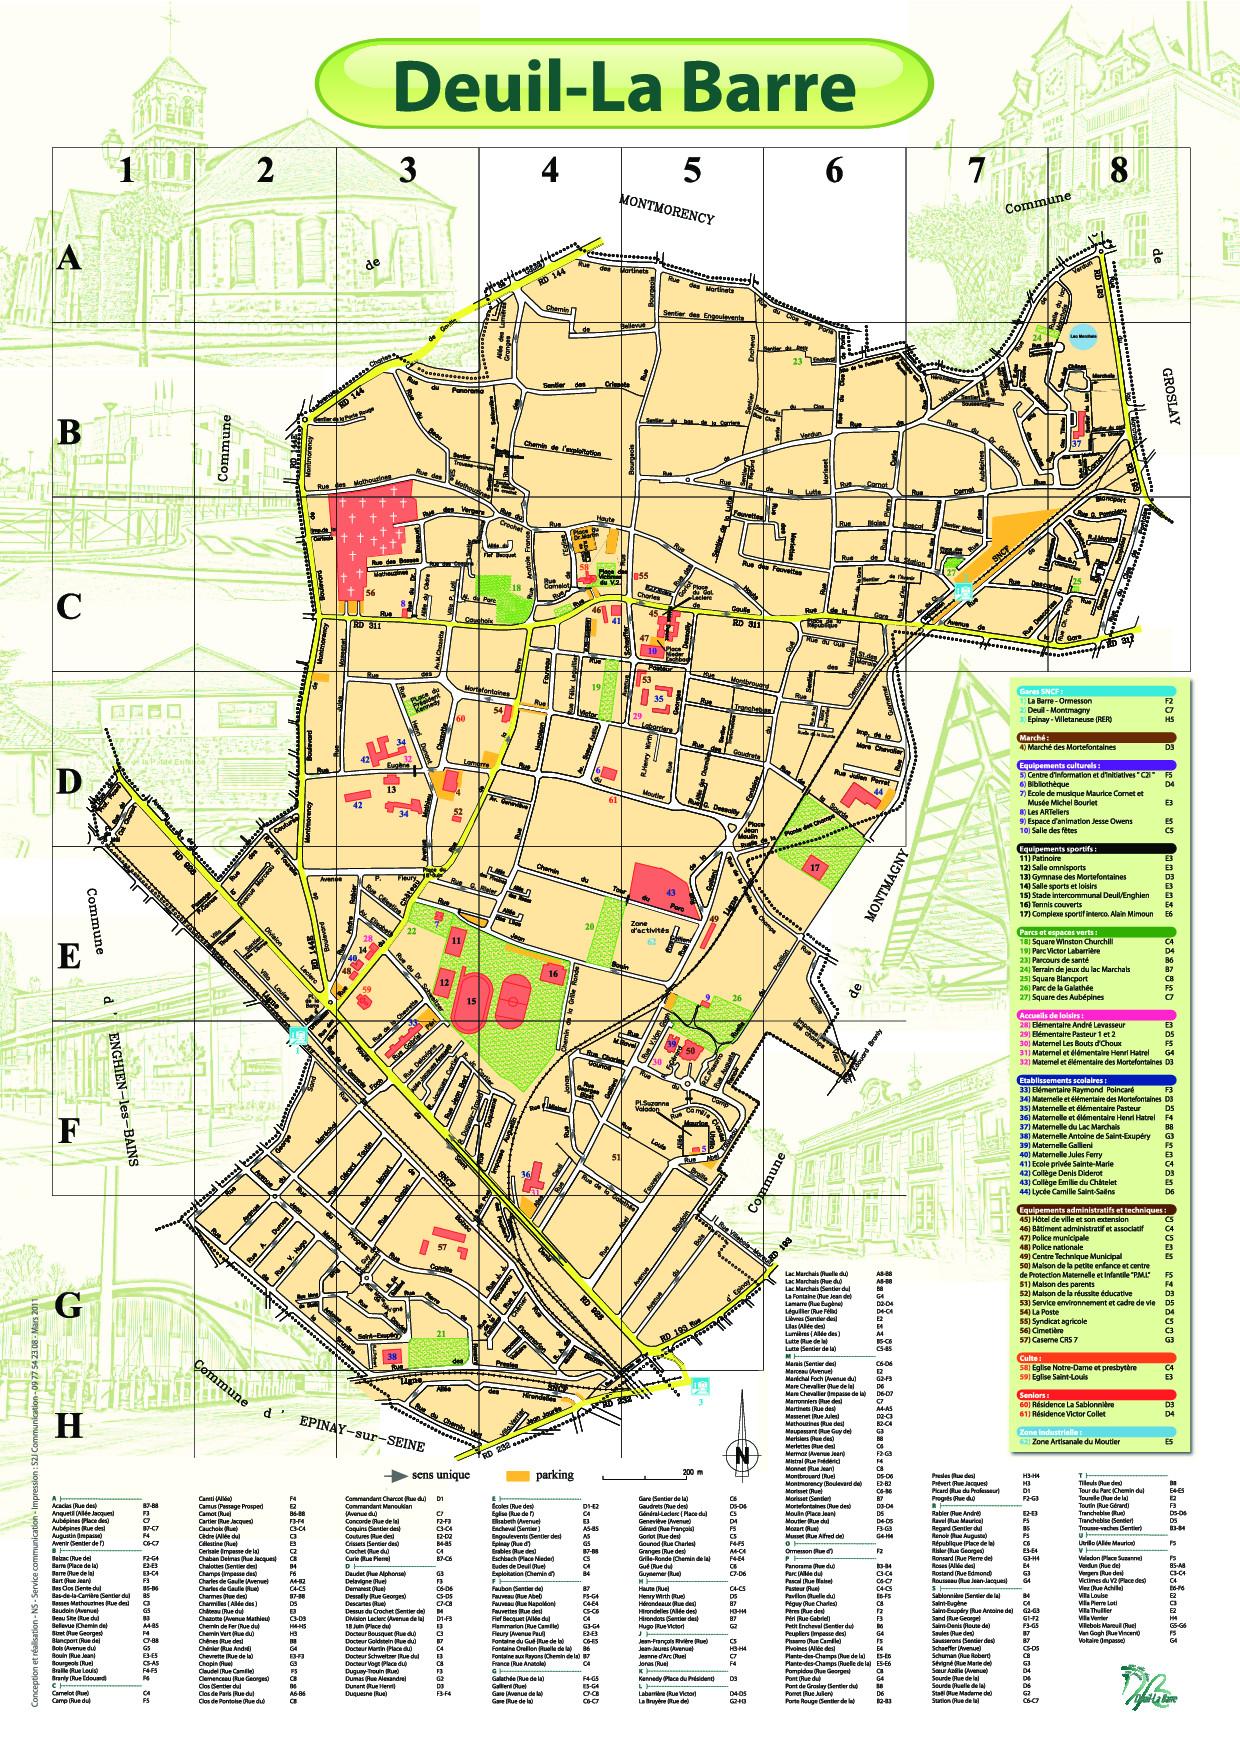 Plan Centre Ville Laval A Quartier Ferri Ef Bf Bd